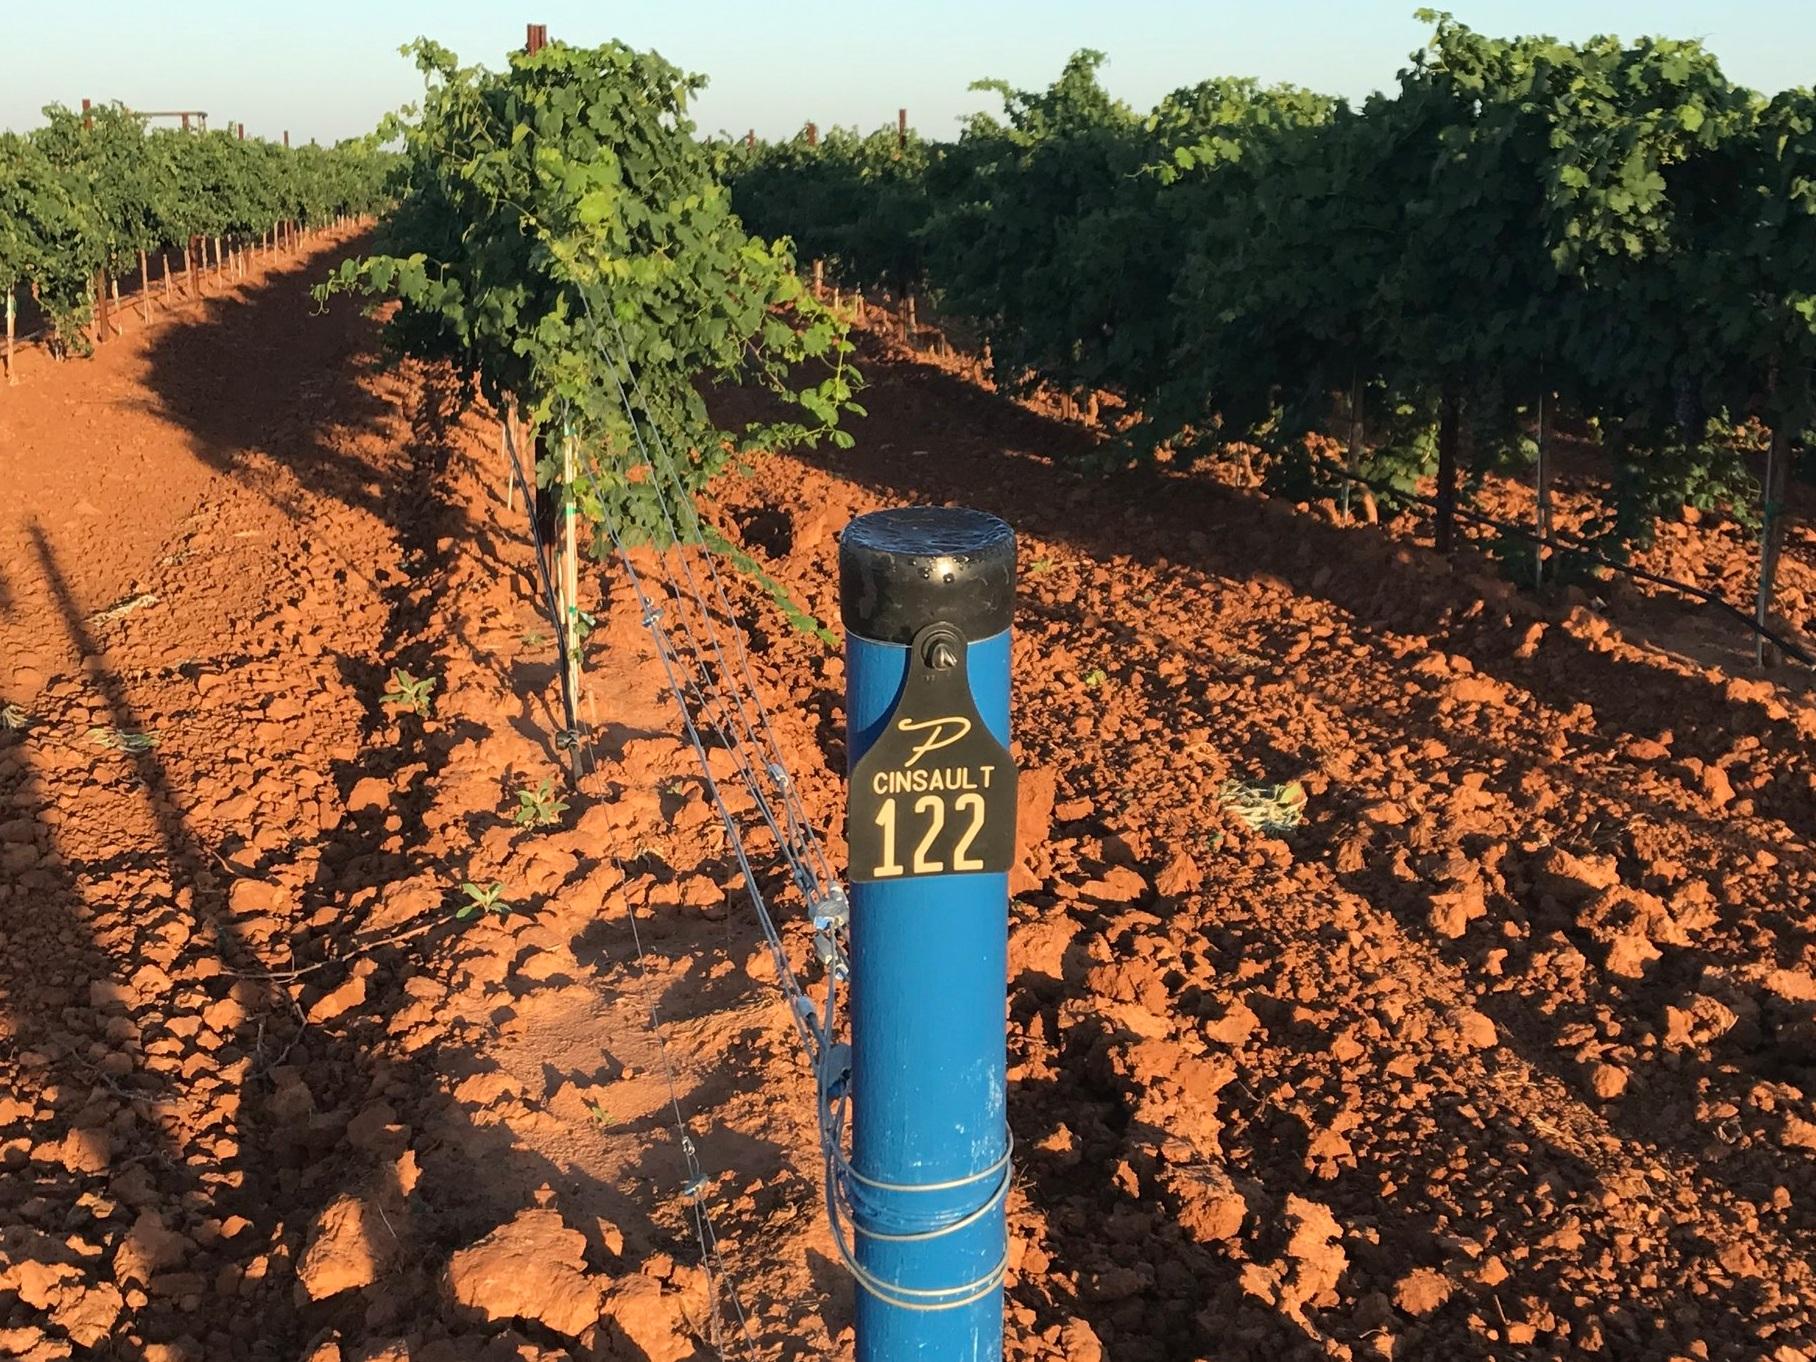 cinsault dandy rosé wine for the people austin texas rae Wilson